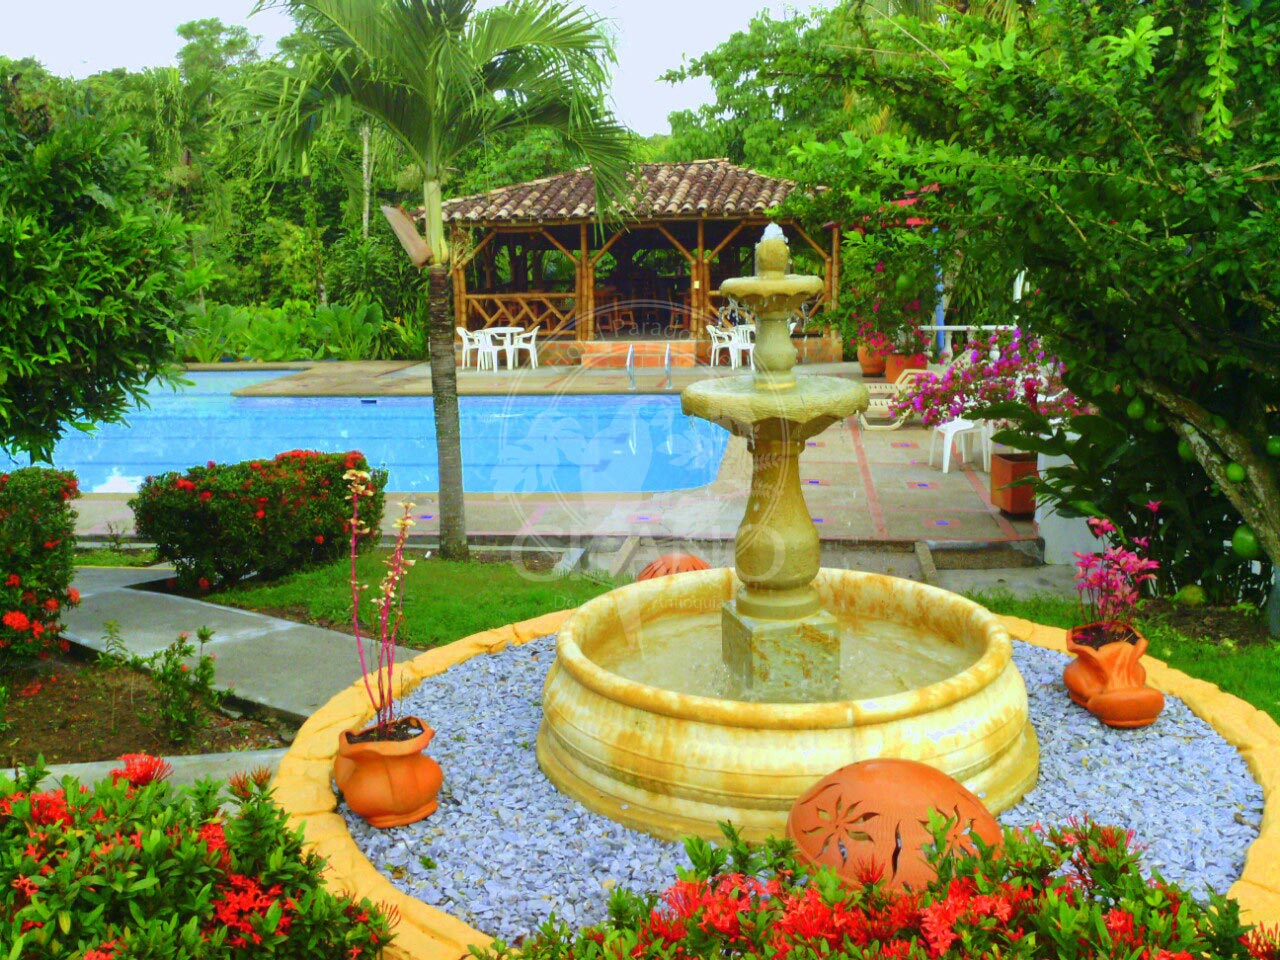 Abundantes jardines y sonidos naturales se mezclan con la brisa y envuelven tus sentidos Hotel & Restaurante Parador del Gitano - Nápoles - Doradal - Rio claro